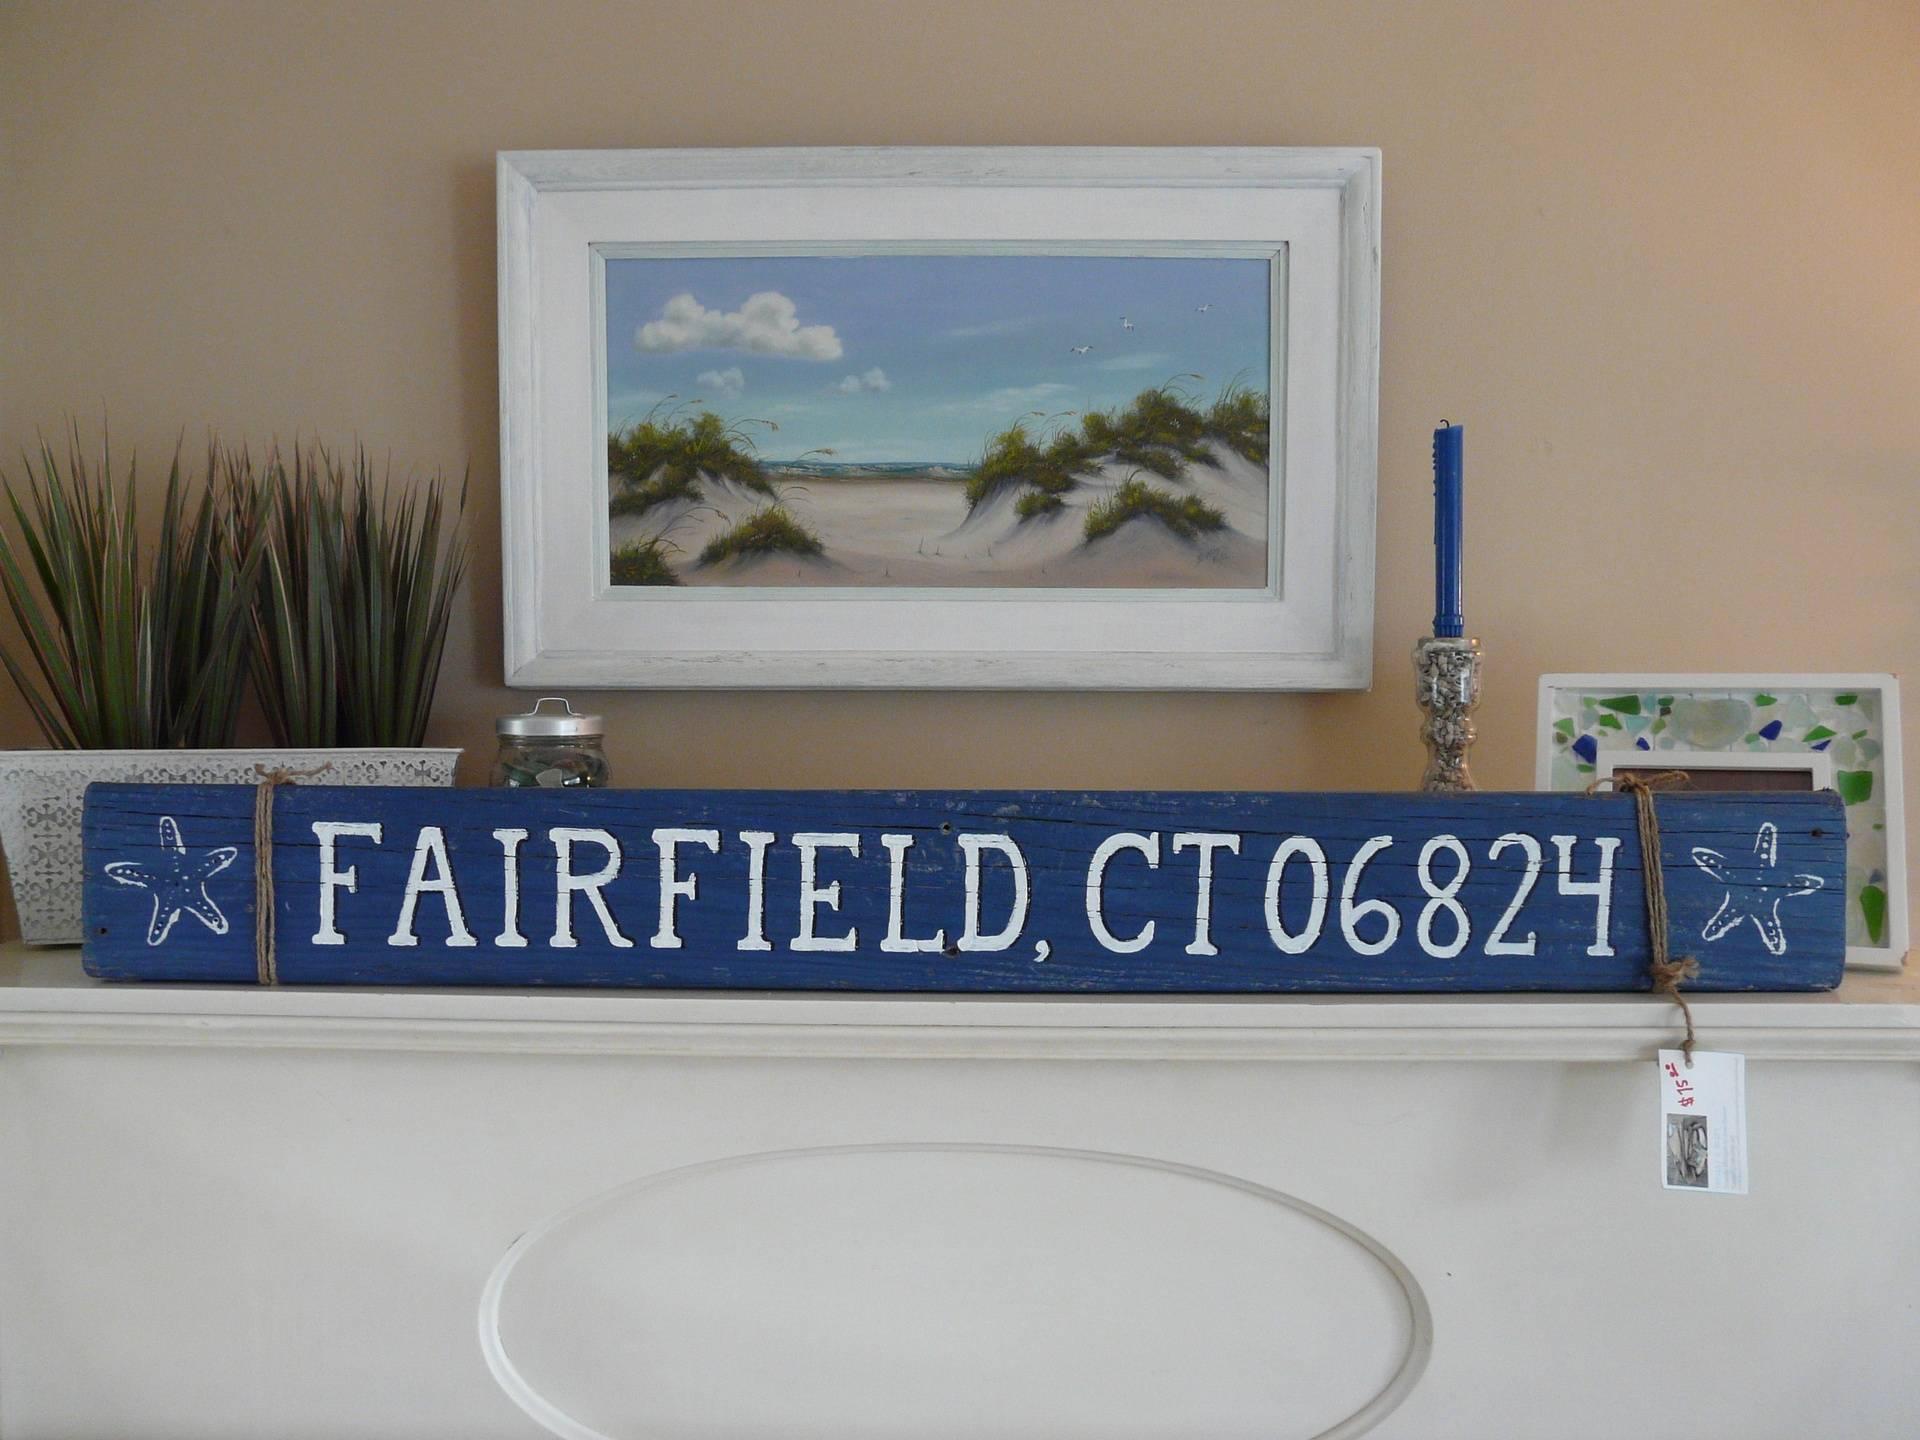 Fairfield, CT 06824